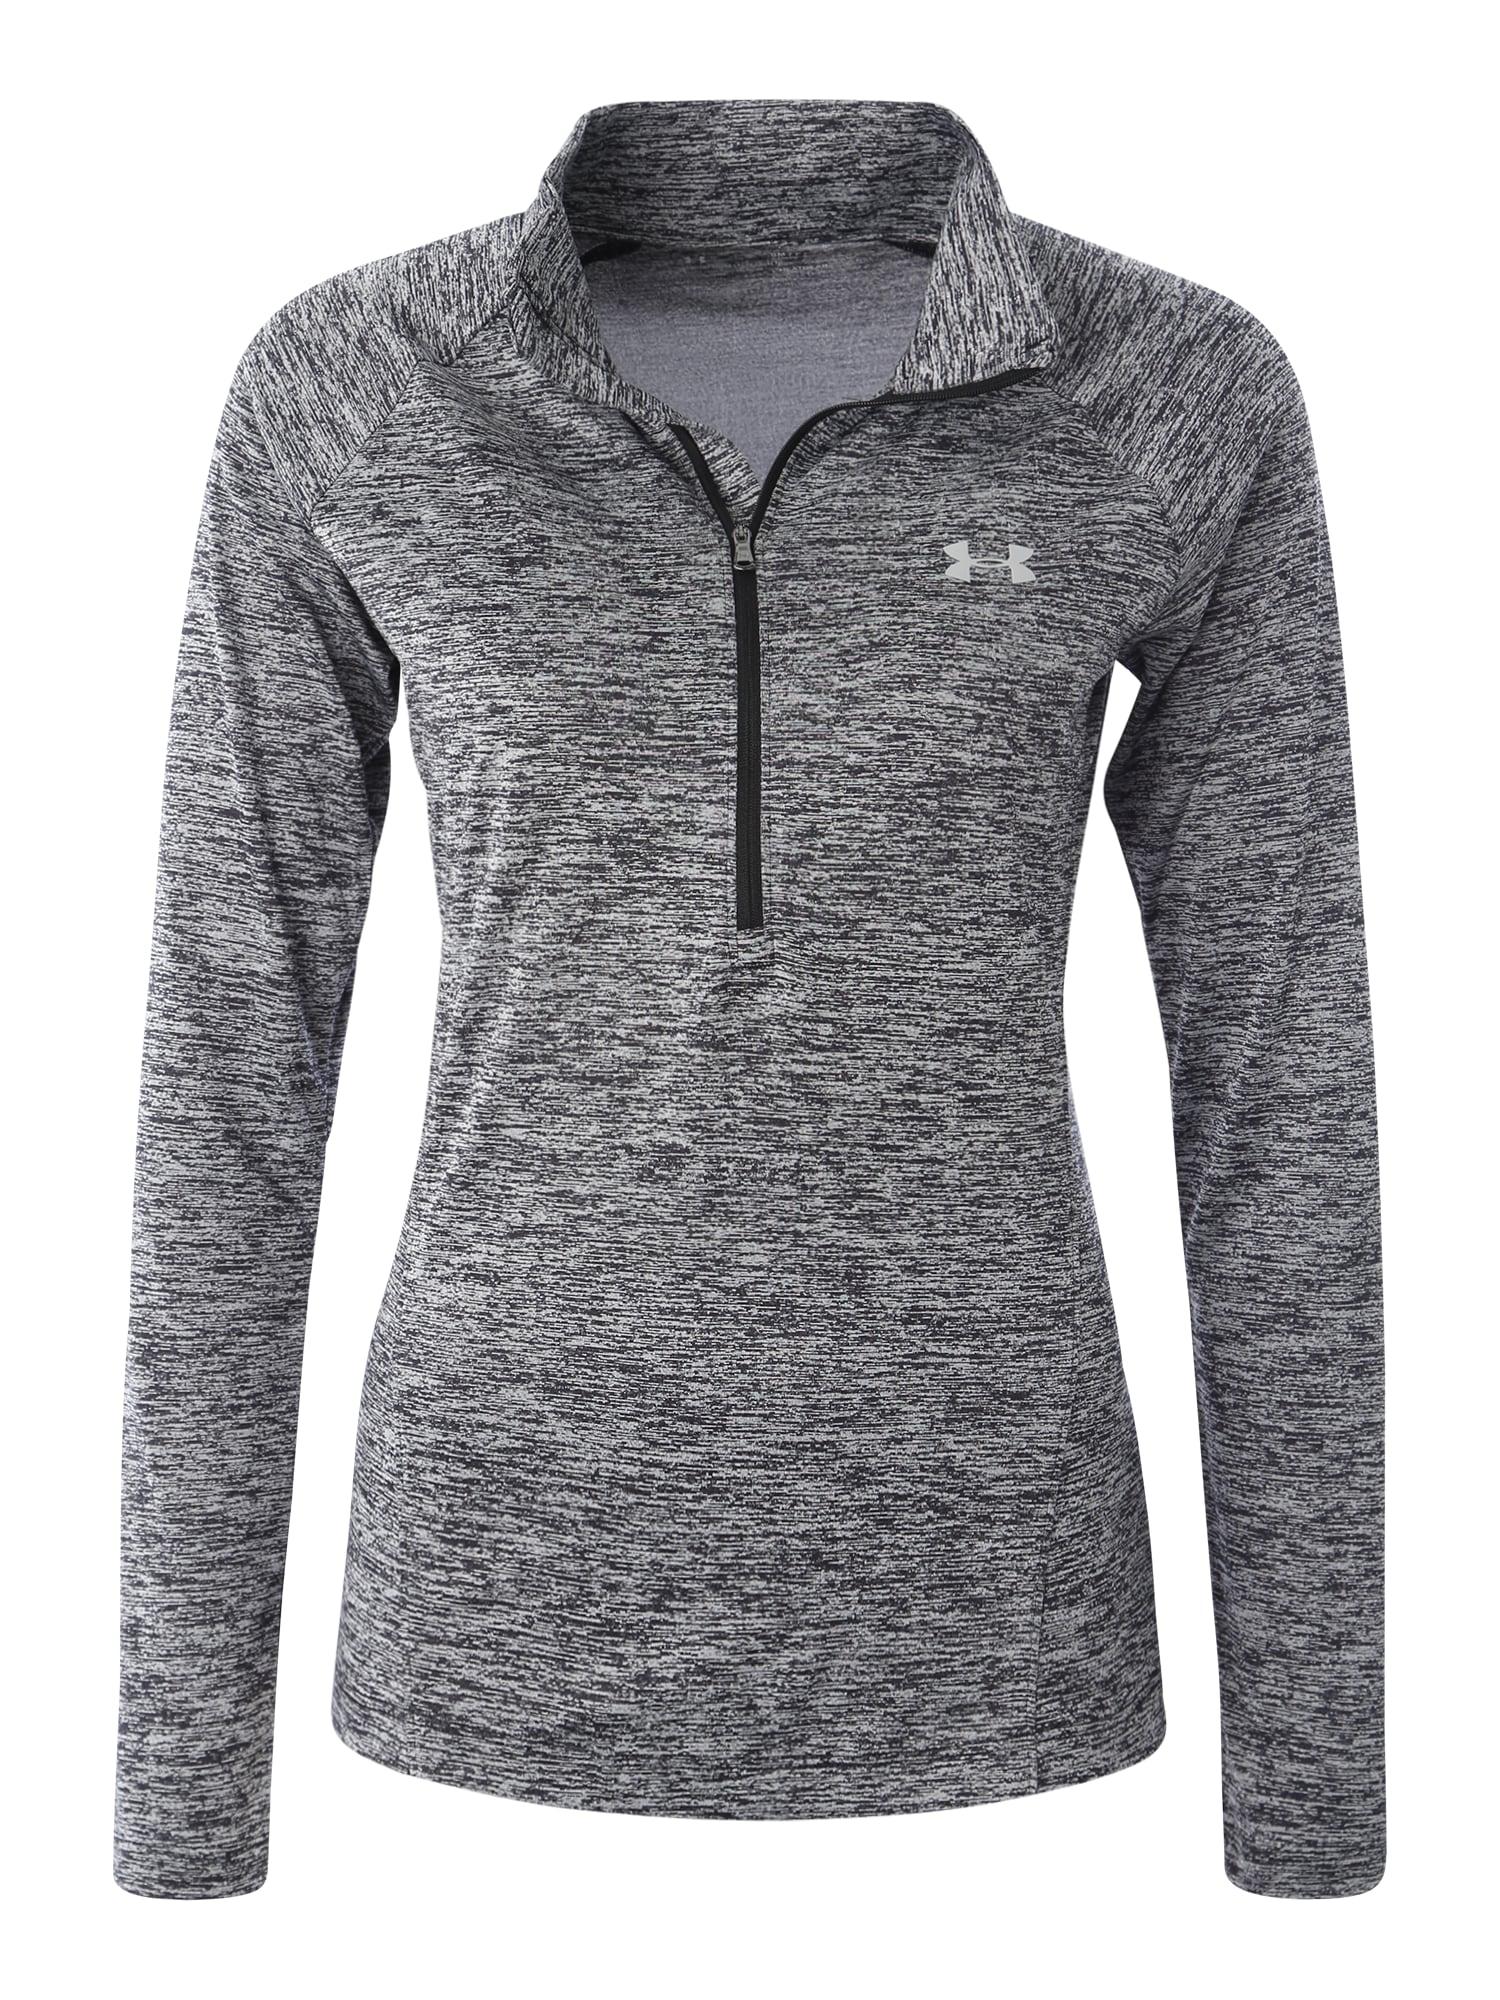 UNDER ARMOUR Sportiniai marškinėliai margai juoda